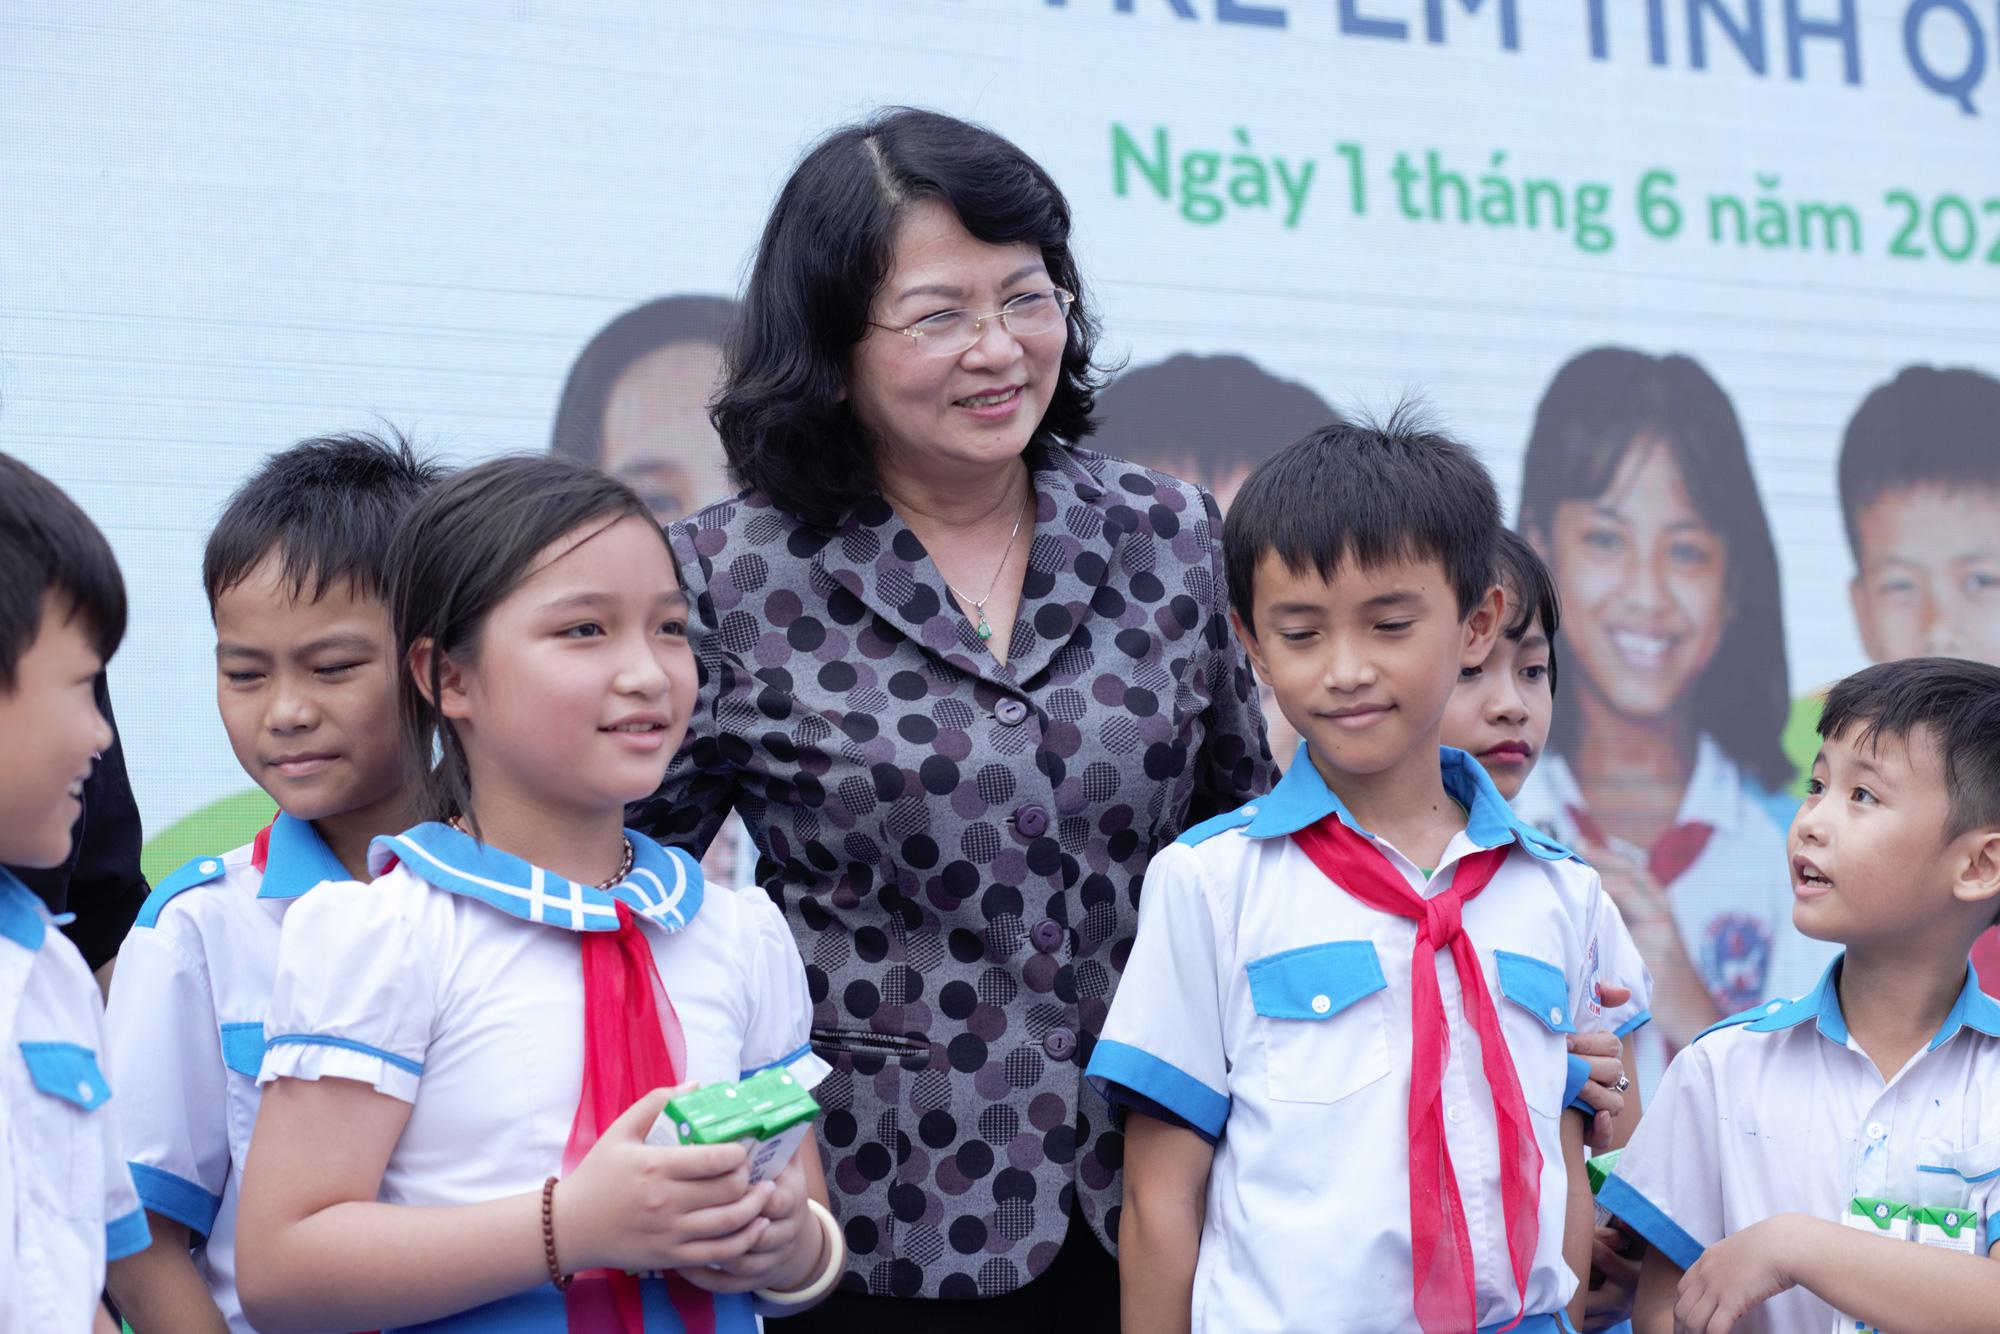 Quảng Nam: Hơn 34.000 trẻ em miền núi, khó khăn được uống Sữa học đường - Ảnh 1.